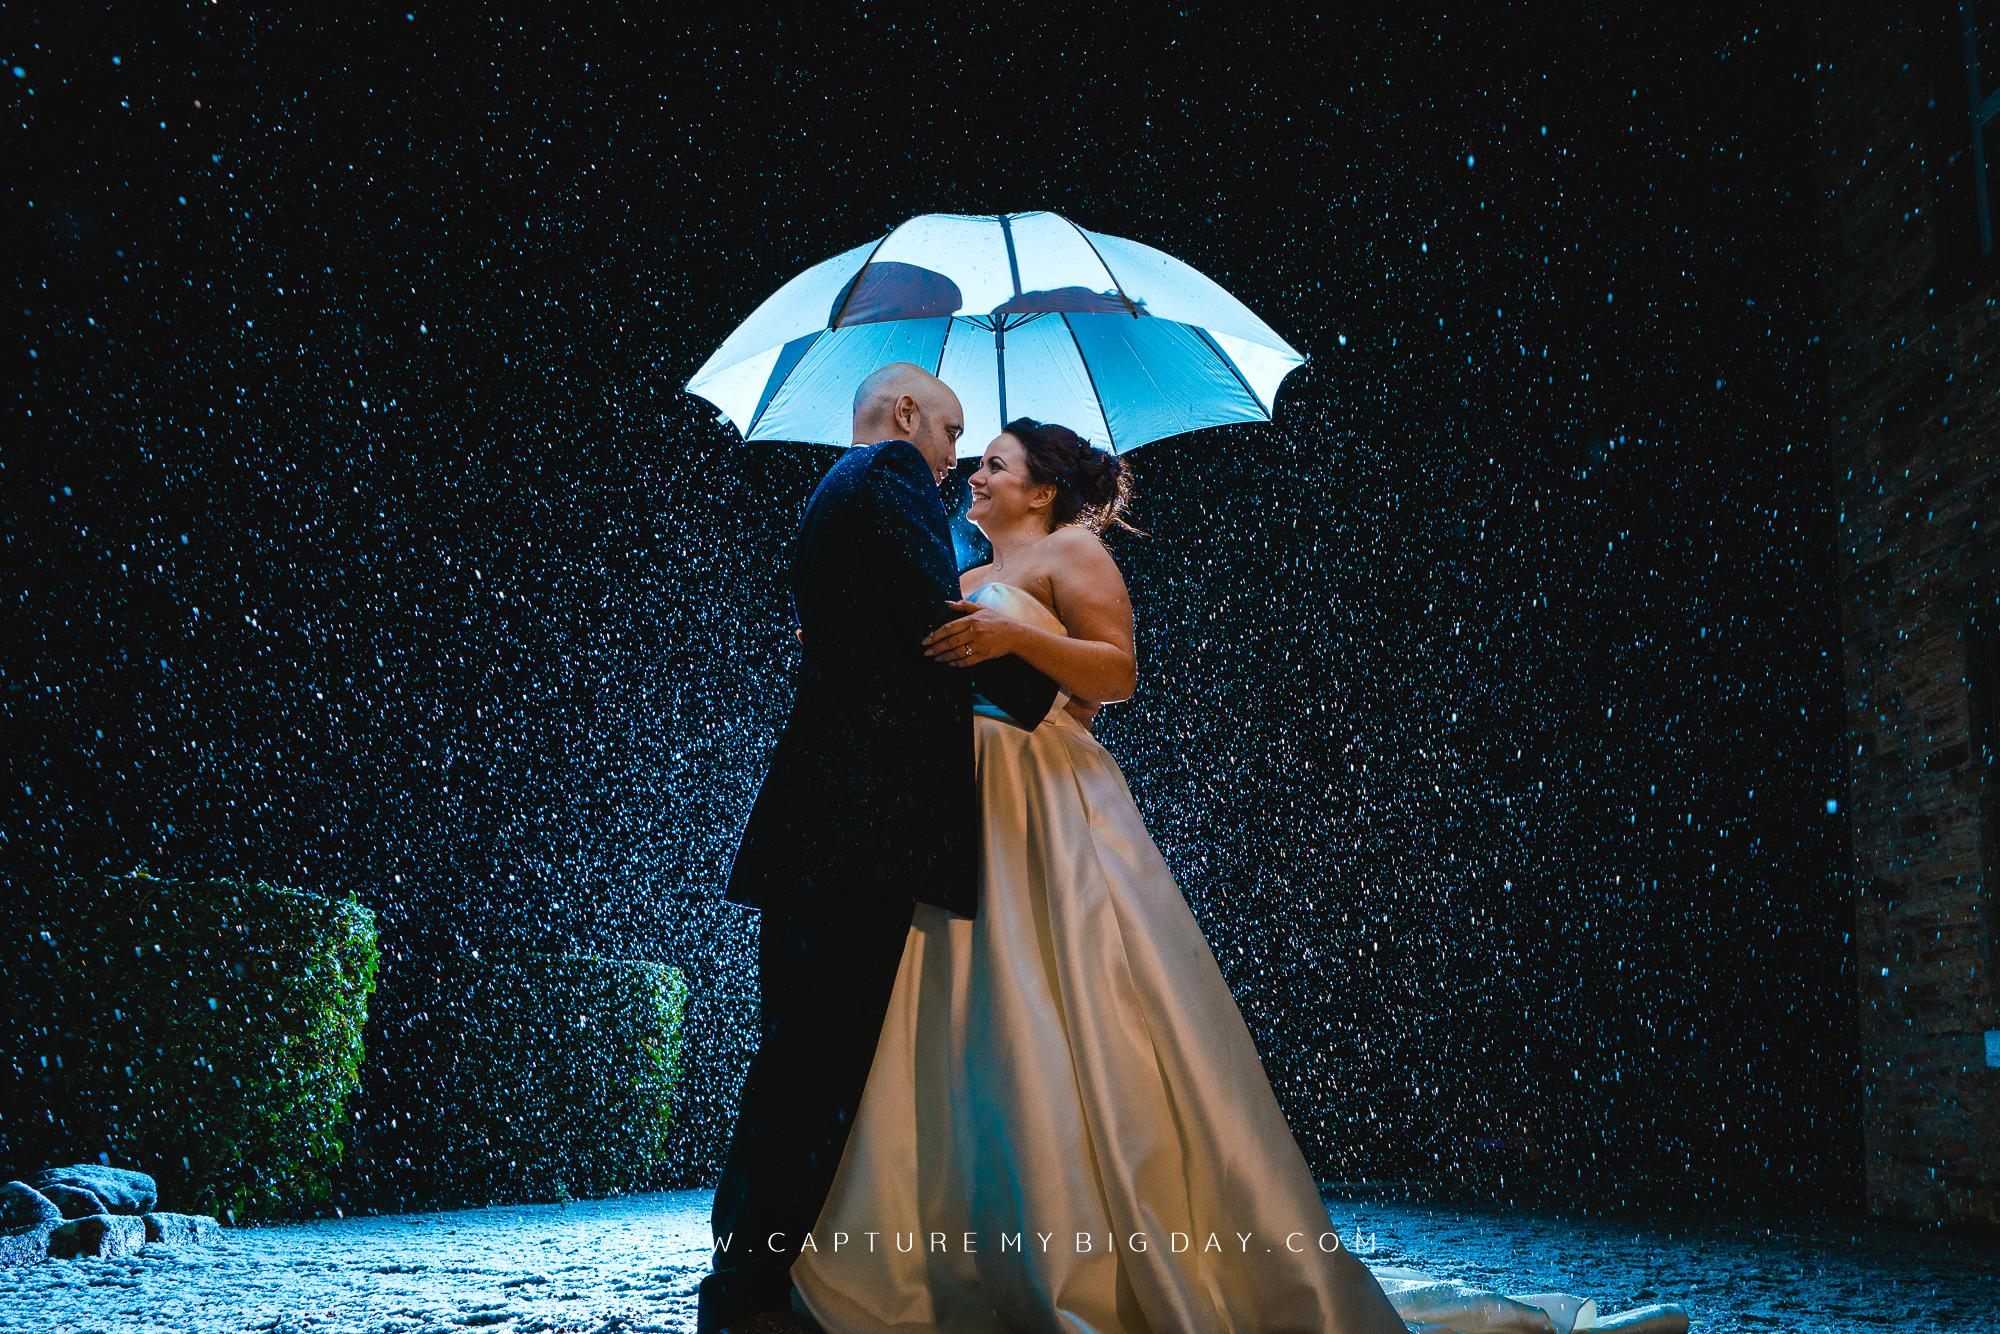 bride and groom in rain outside under white umbrella